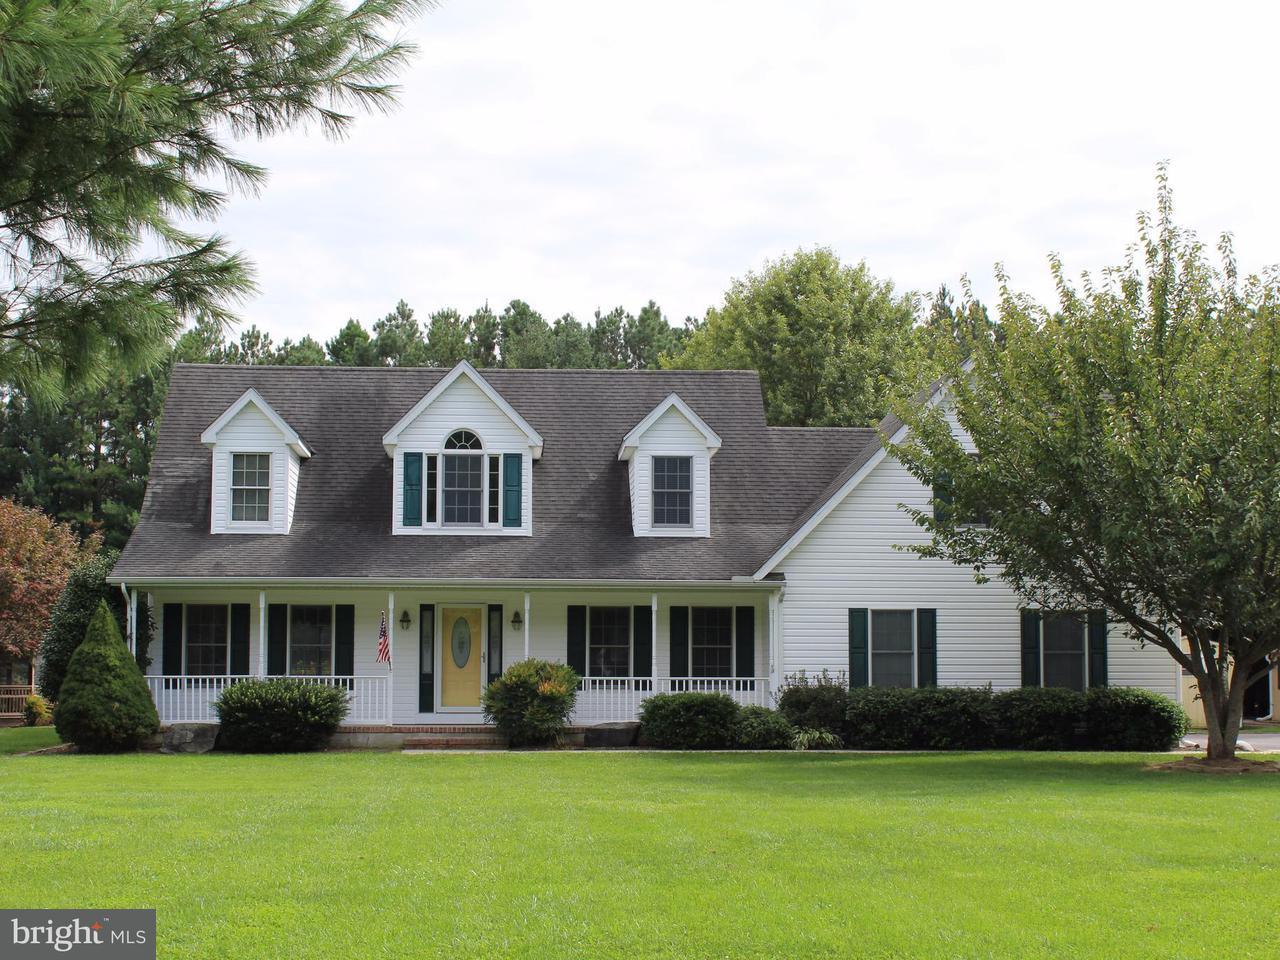 獨棟家庭住宅 為 出售 在 13399 Wye Landing Lane 13399 Wye Landing Lane Wye Mills, 馬里蘭州 21679 美國